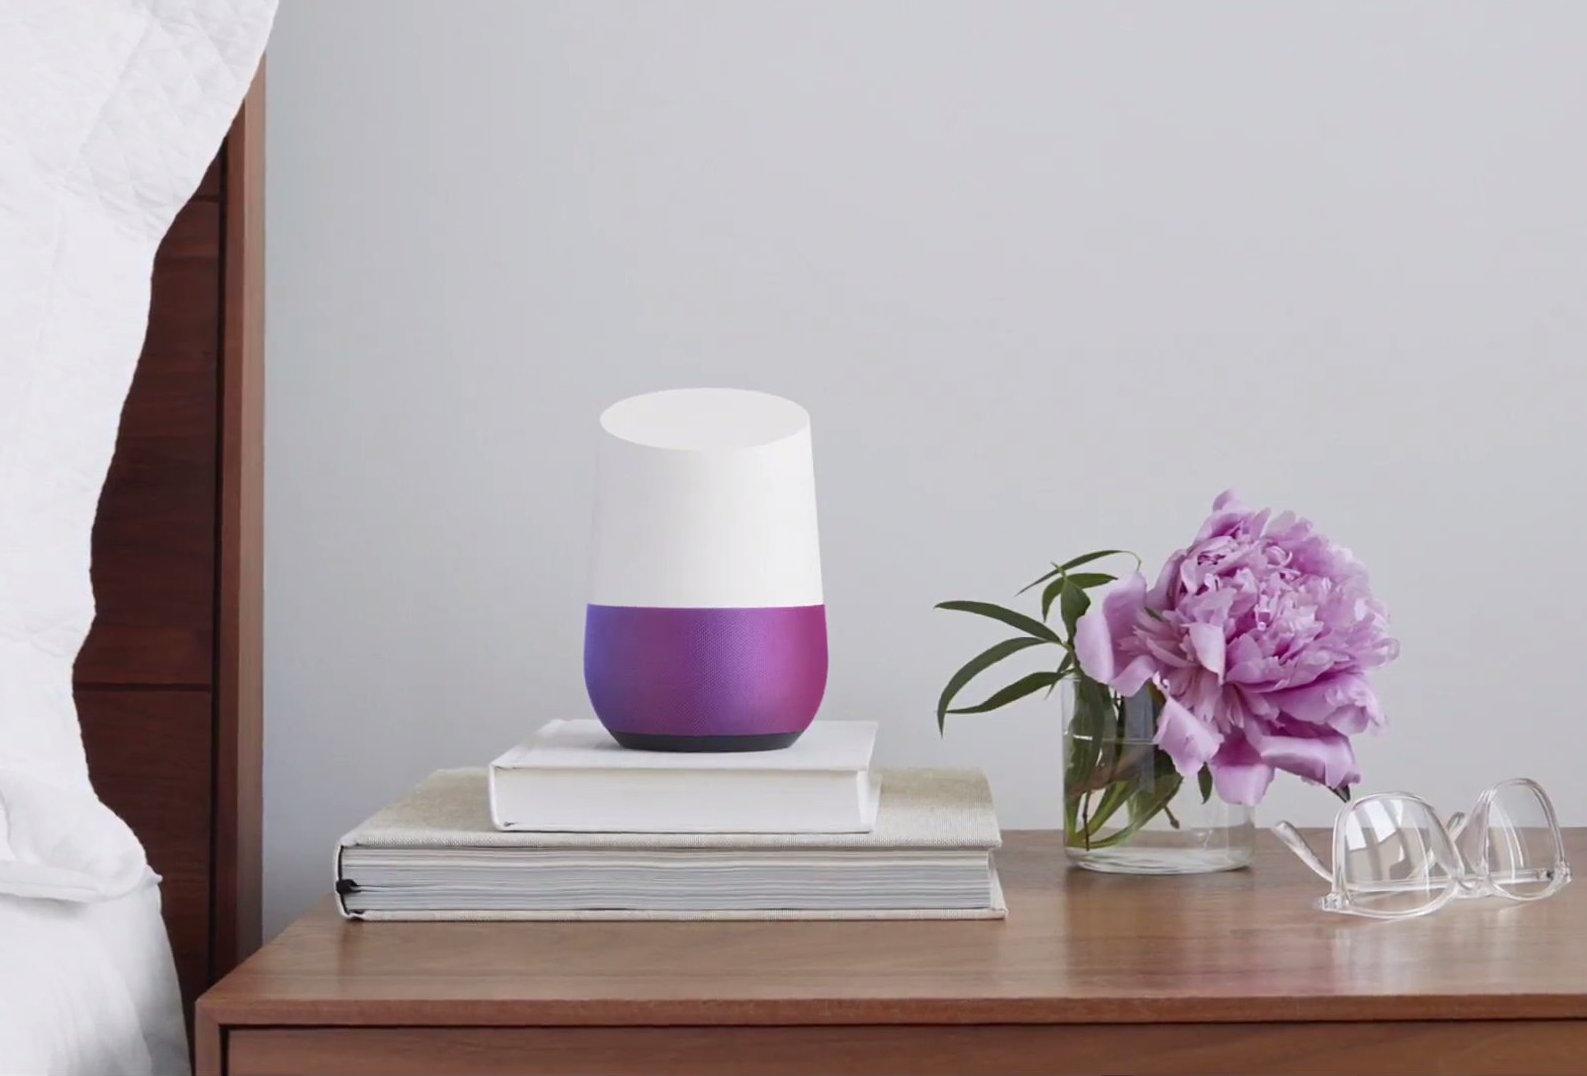 Inteligentny głosnik od Google Home _Twoje domowe centrum dowodzenia3